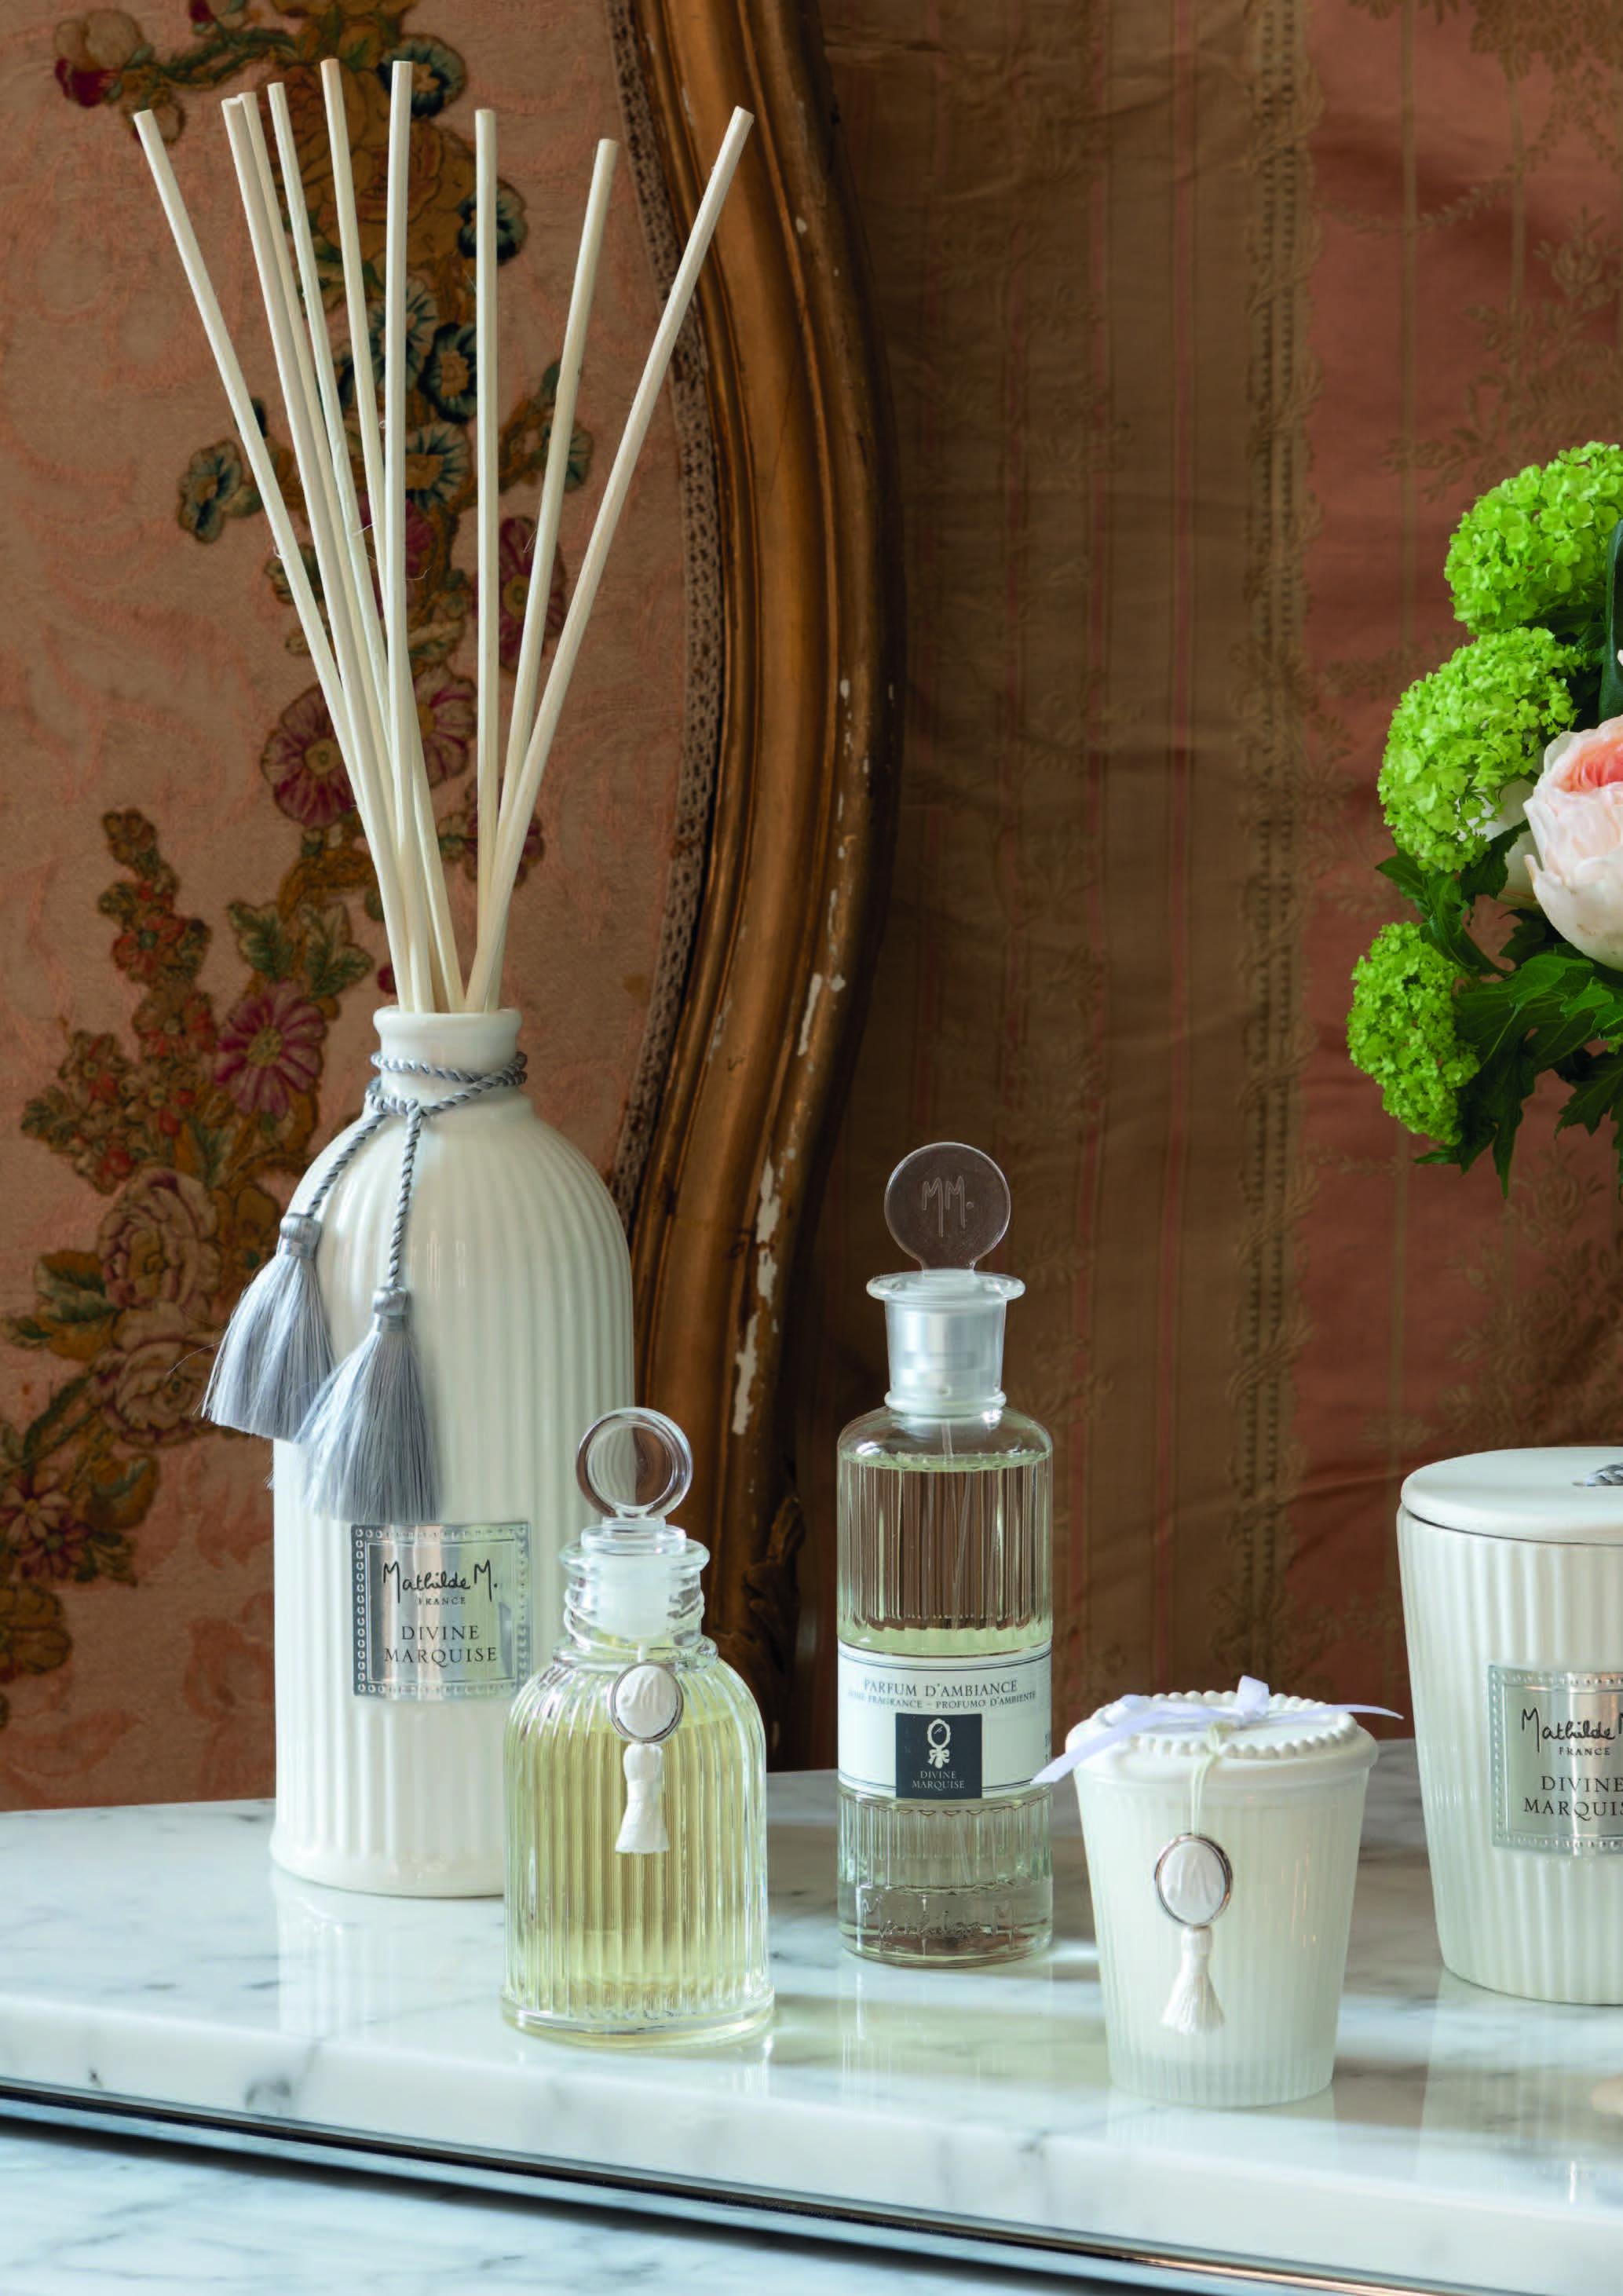 Mathilde M Bathroom Accessories Oil Diff